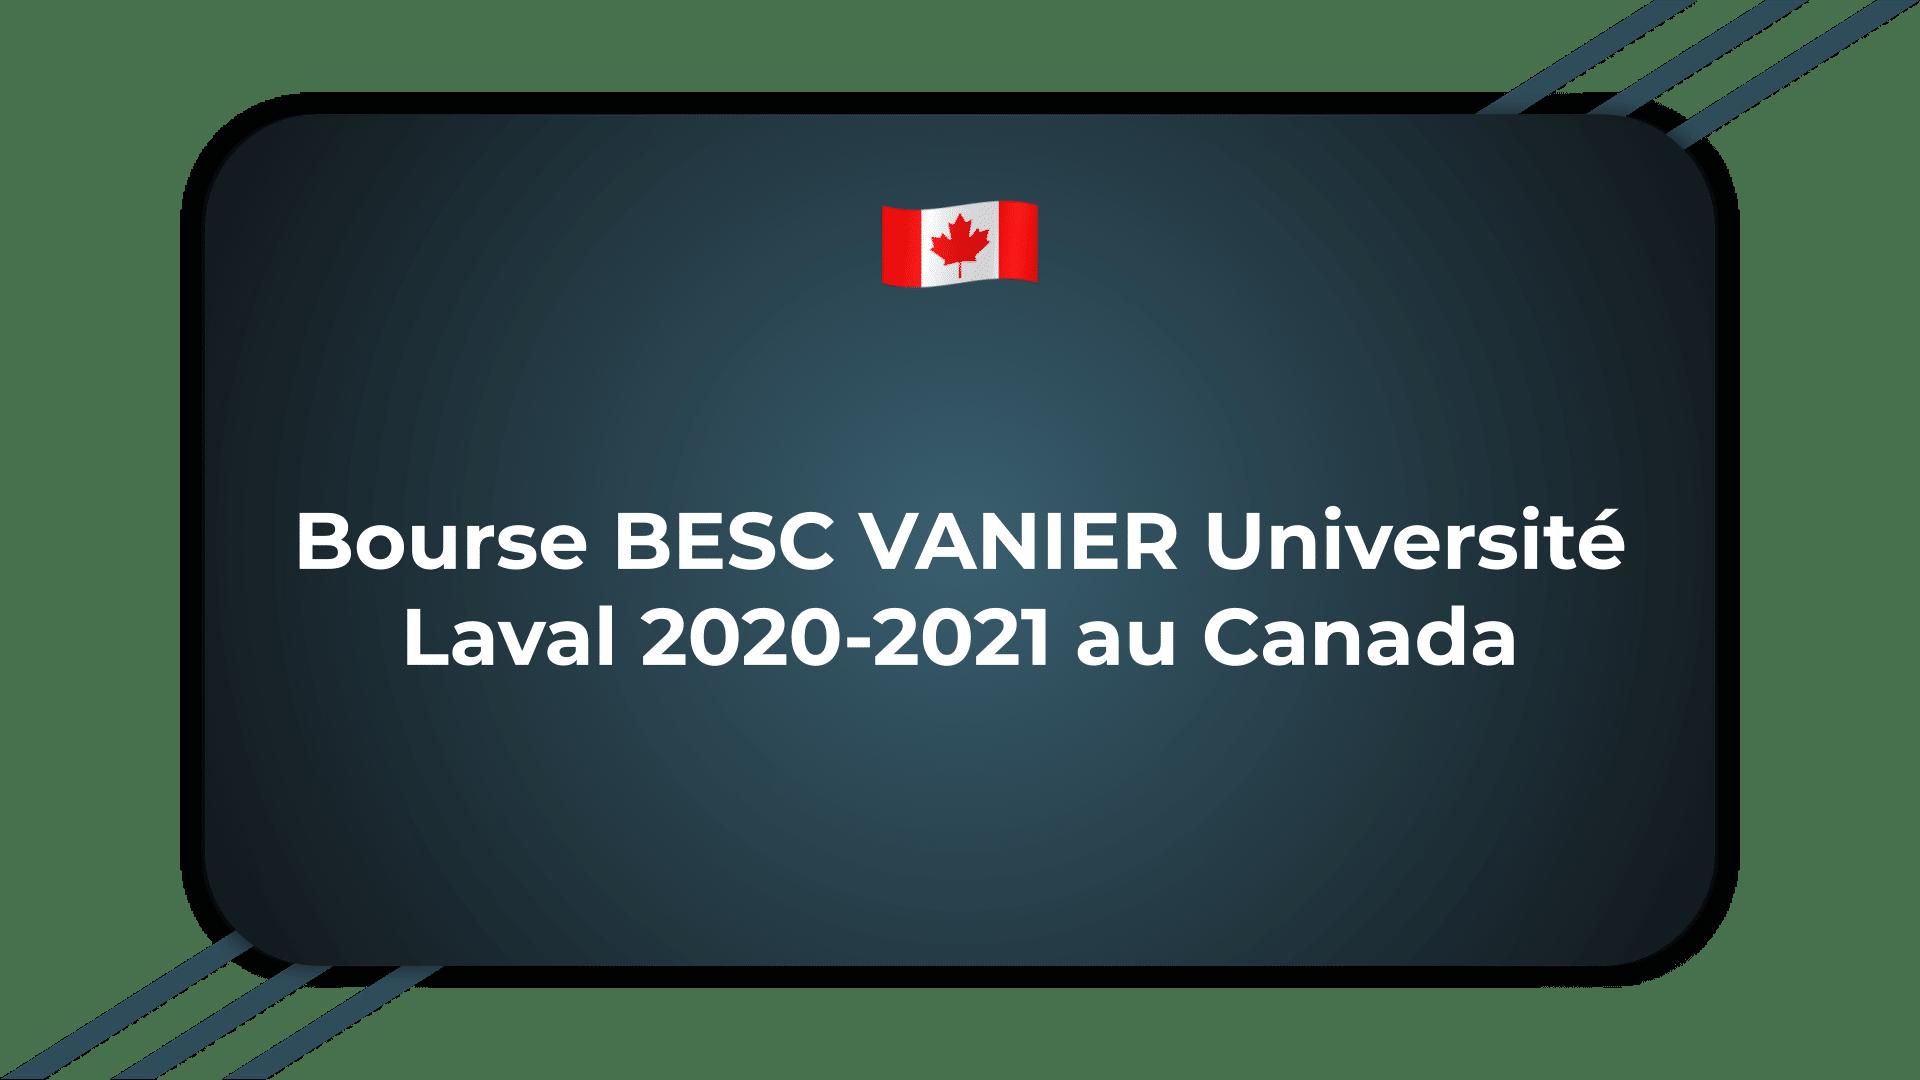 Bourse BESC VANIER Université Laval